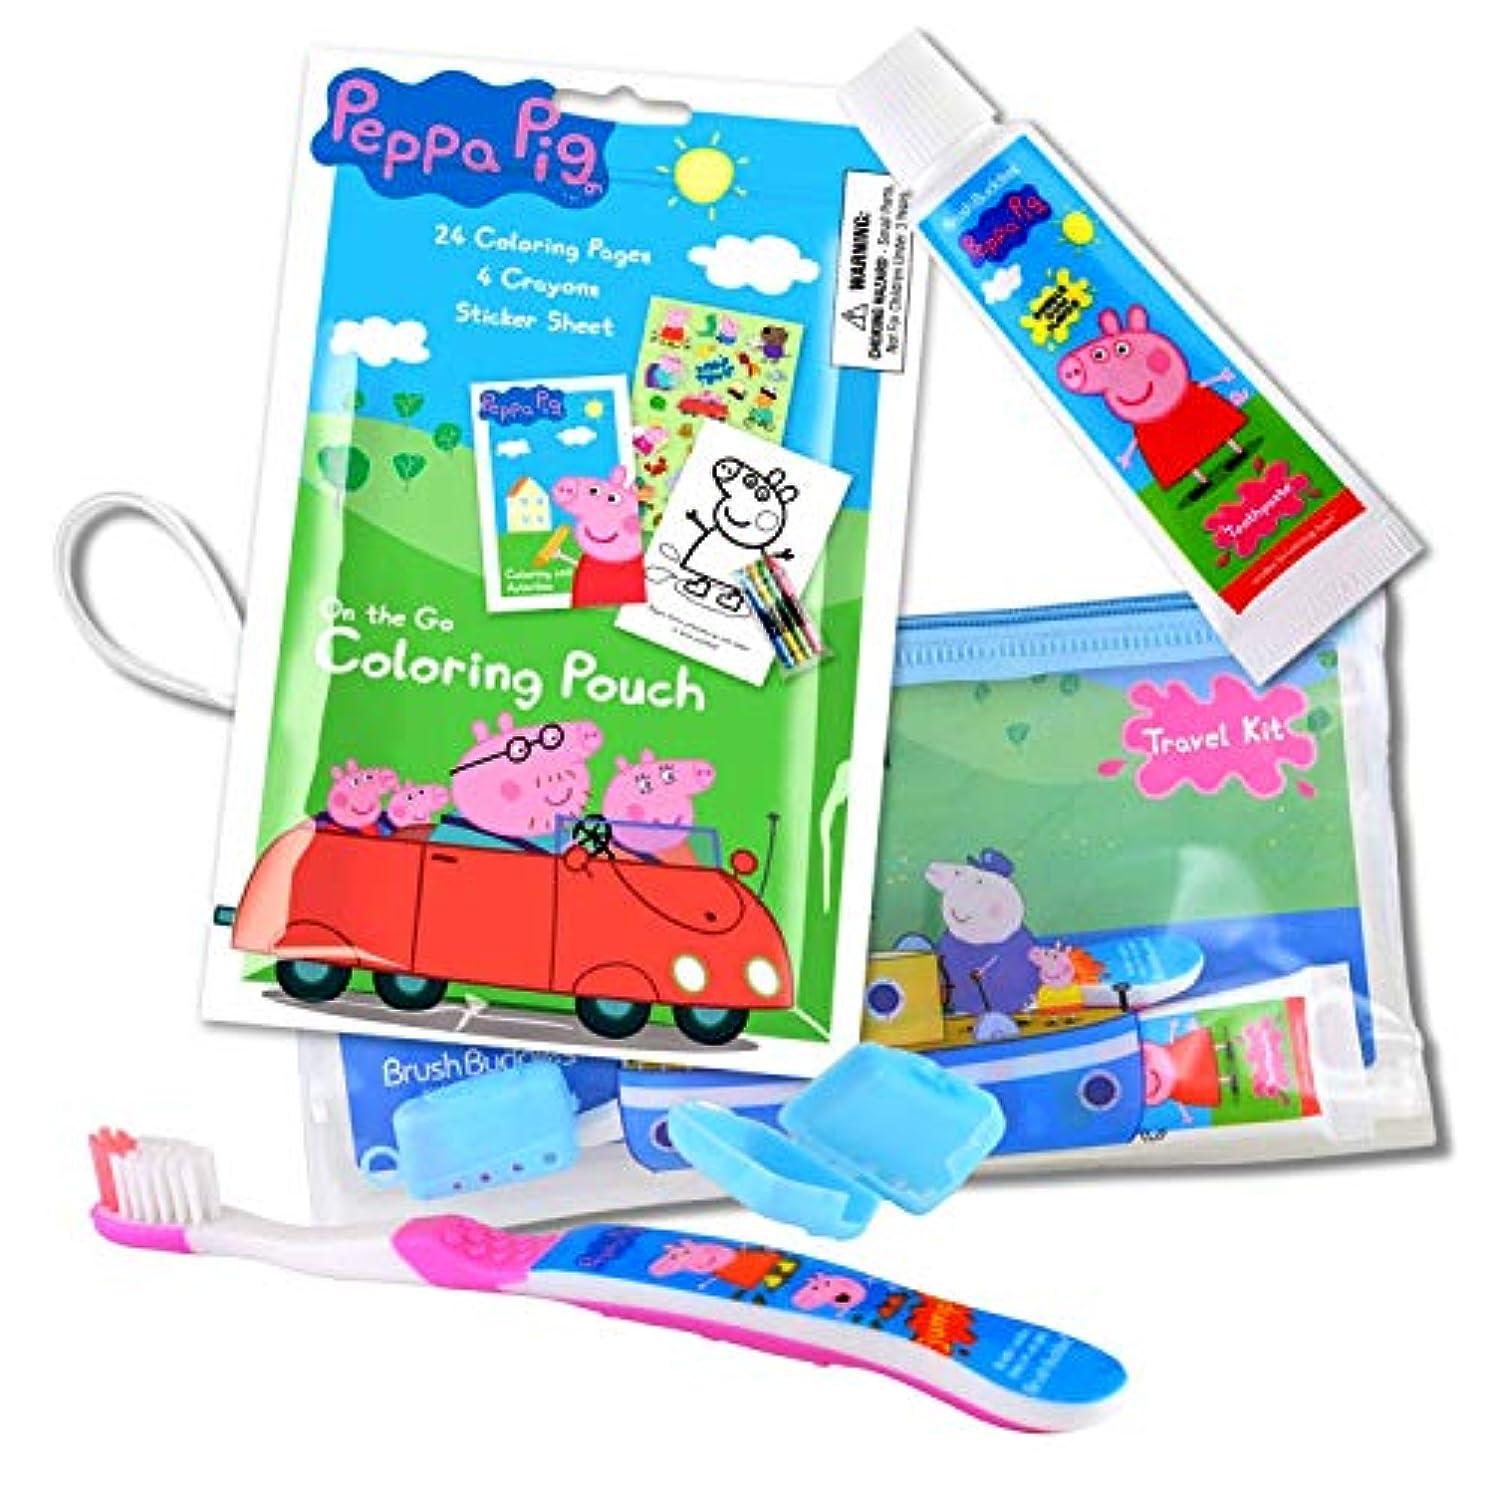 コントローラ米国出発Peppa Pig トラベルキット ペッパ歯ブラシと歯磨き粉 ジッパー付き 再封可能 トラベルバッグ付き ペッパピッグアクティビティセット クレヨン、ステッカー、ミニカラーリングブック付き